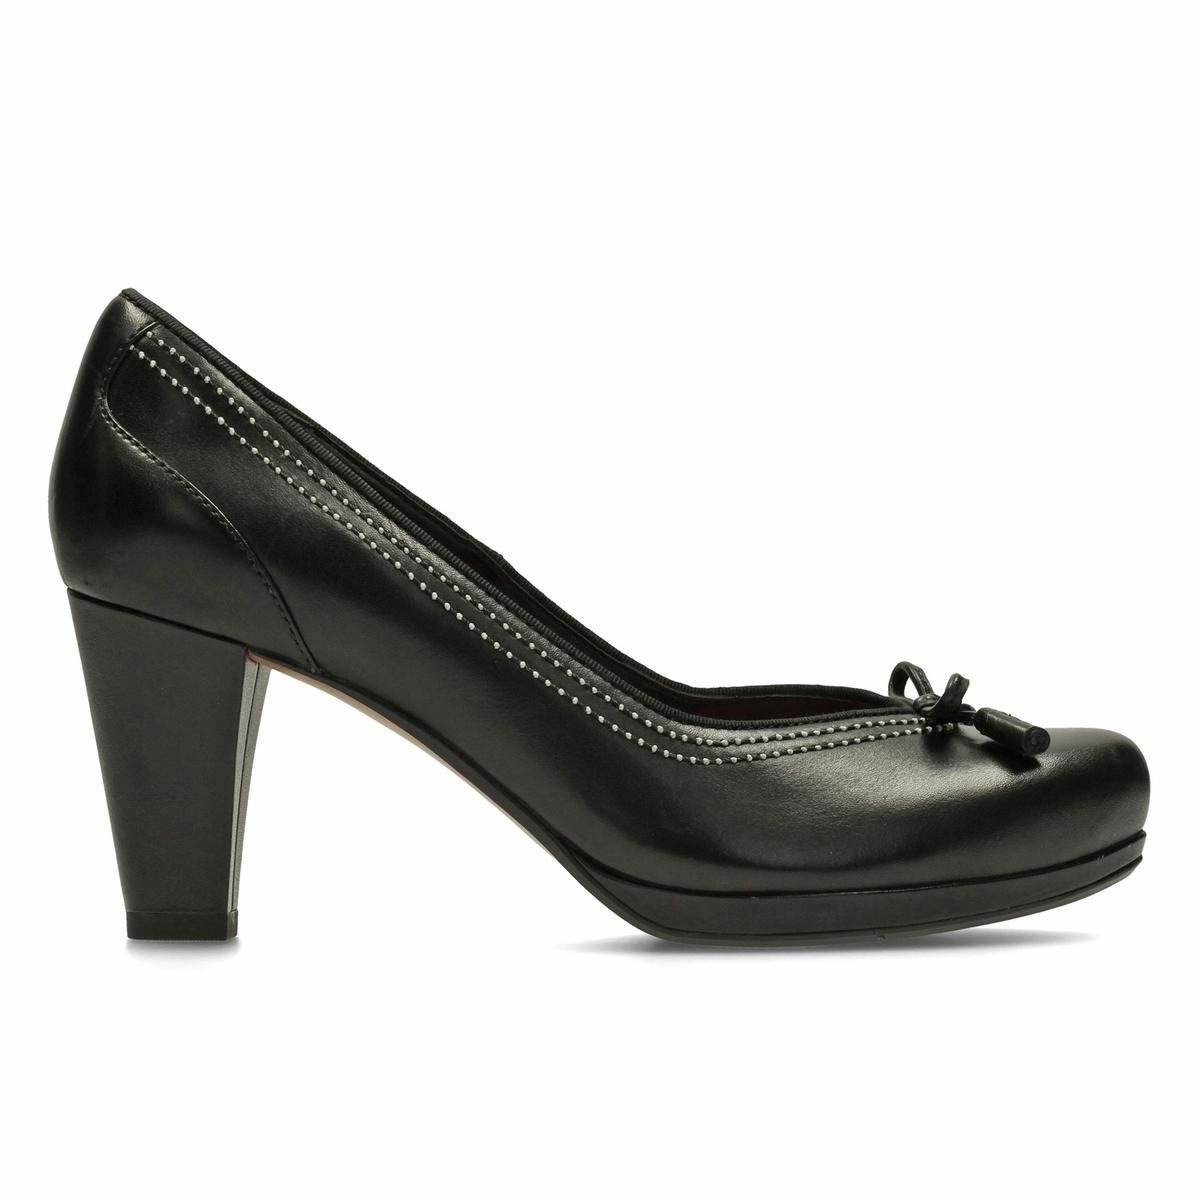 Imagen principal de producto de Zapatos de tacón, de piel, Chorus Bombay - Clarks